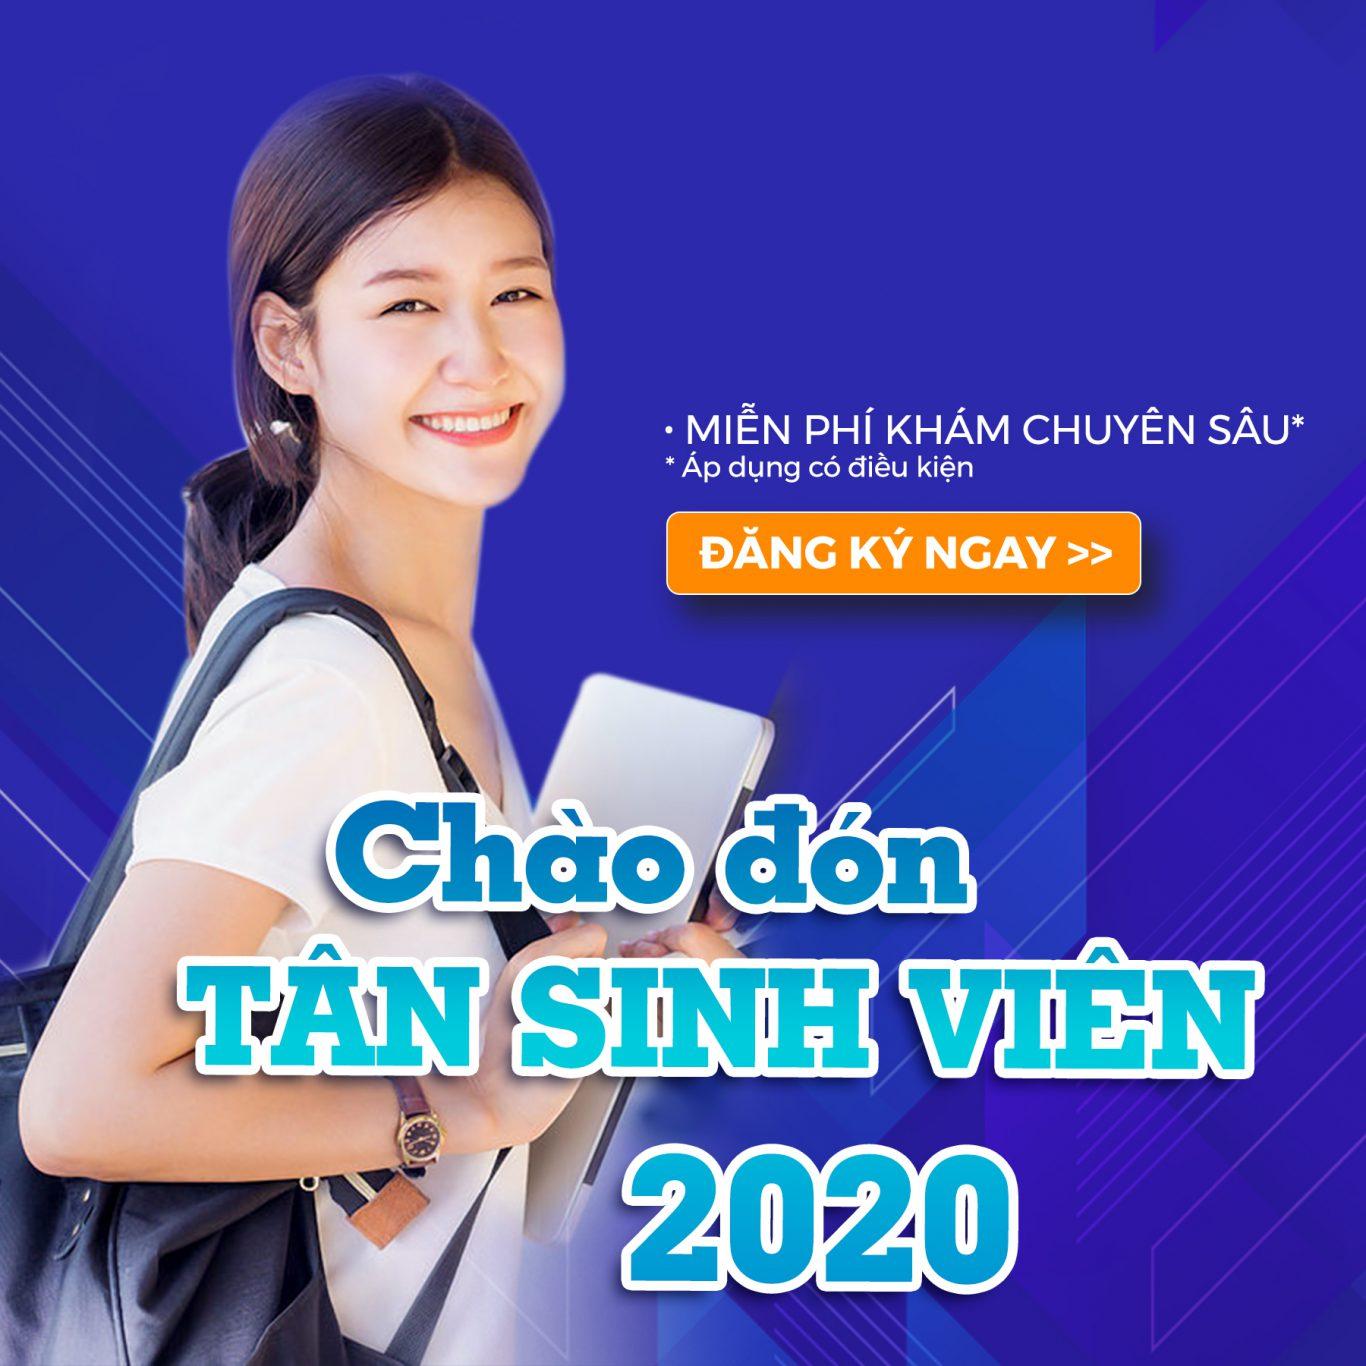 Ưu đãi chào đón Tân Sinh viên 2020